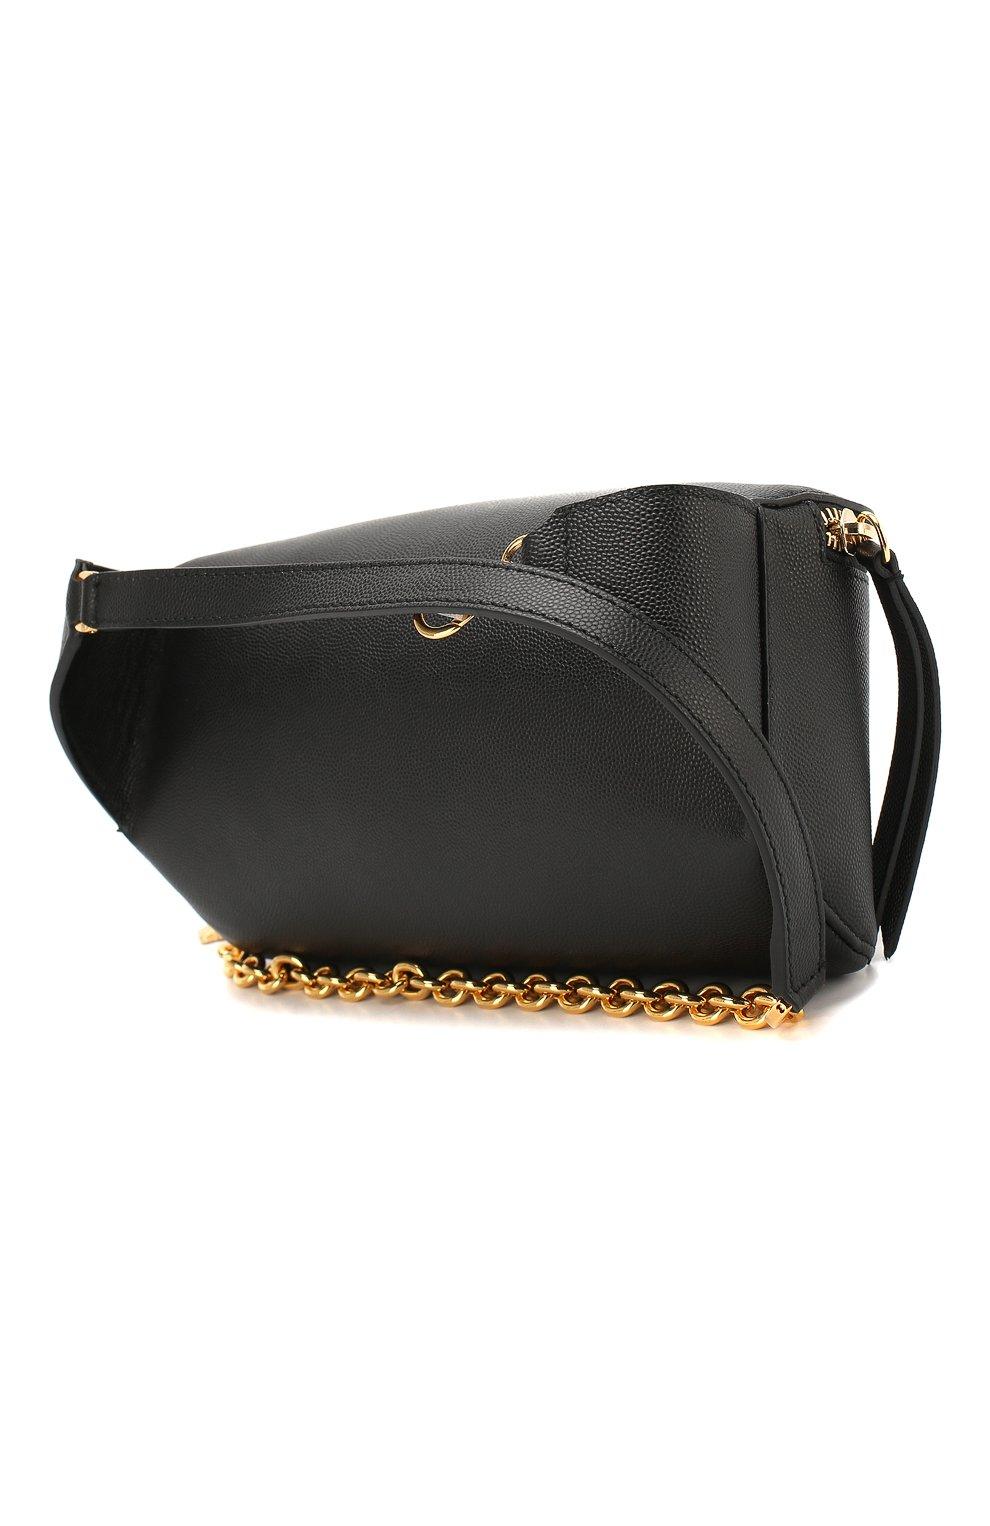 e9d2f1af66bd Женская черная поясная сумка isola FURLA — купить за 19500 руб. в ...